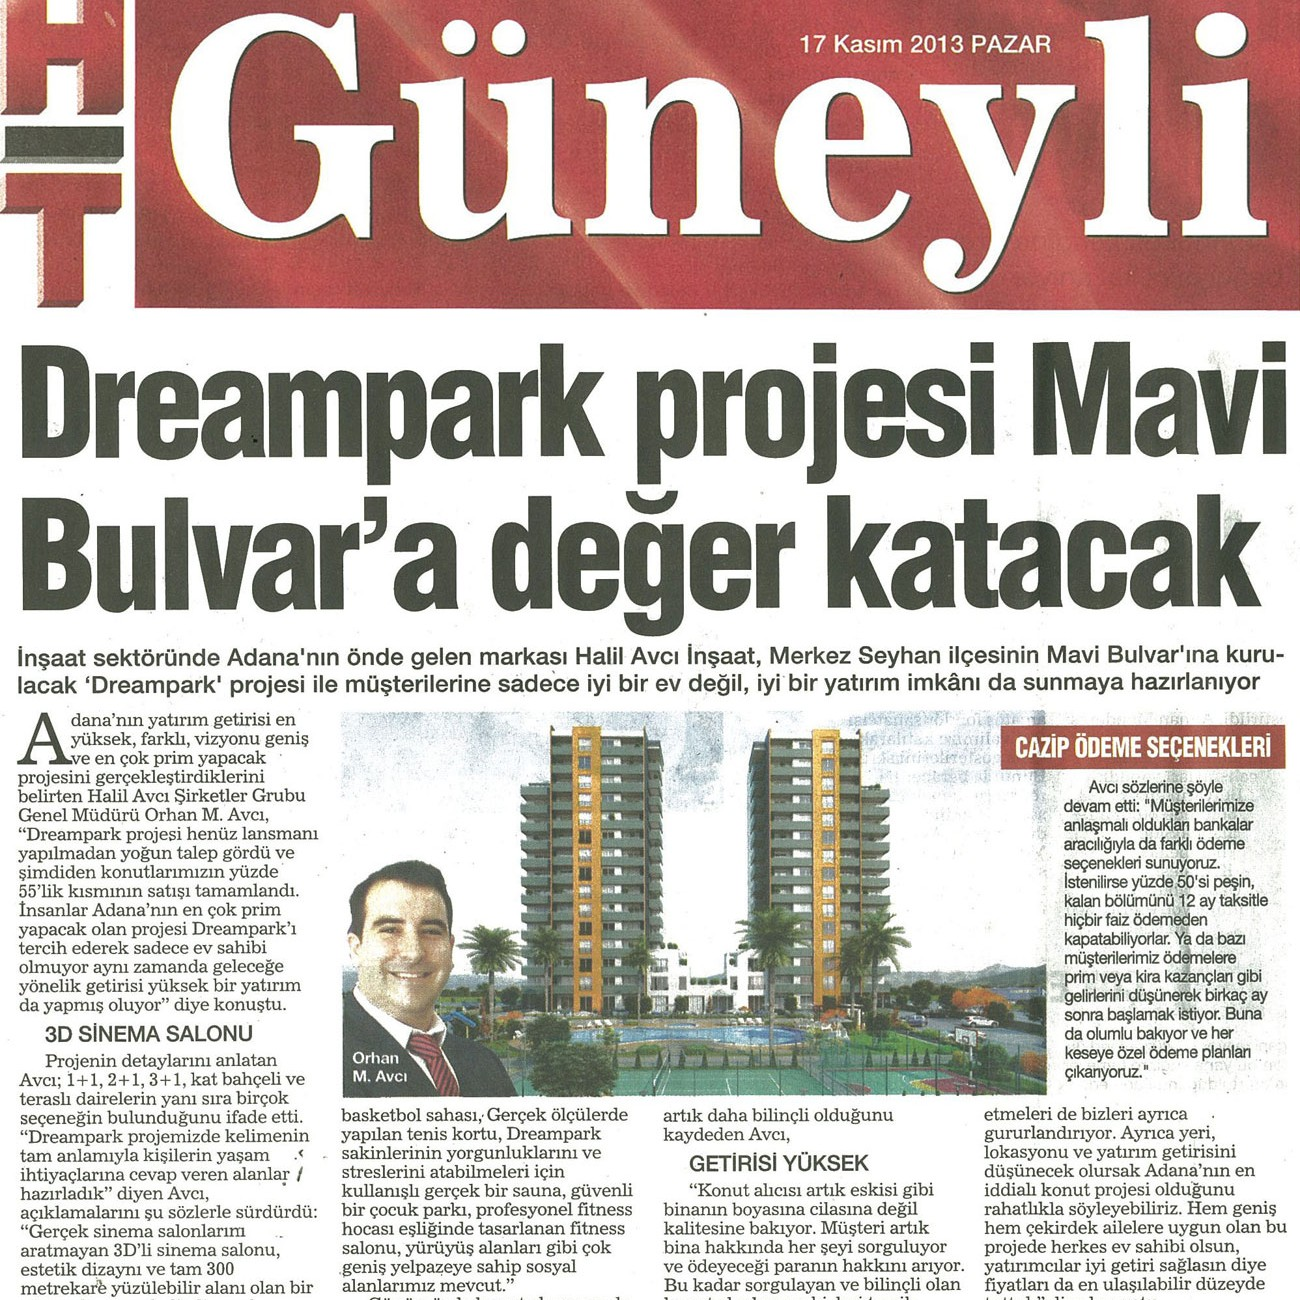 Dreampark projesi Mavi Bulvar 'a değer katacak – HT Güneyli